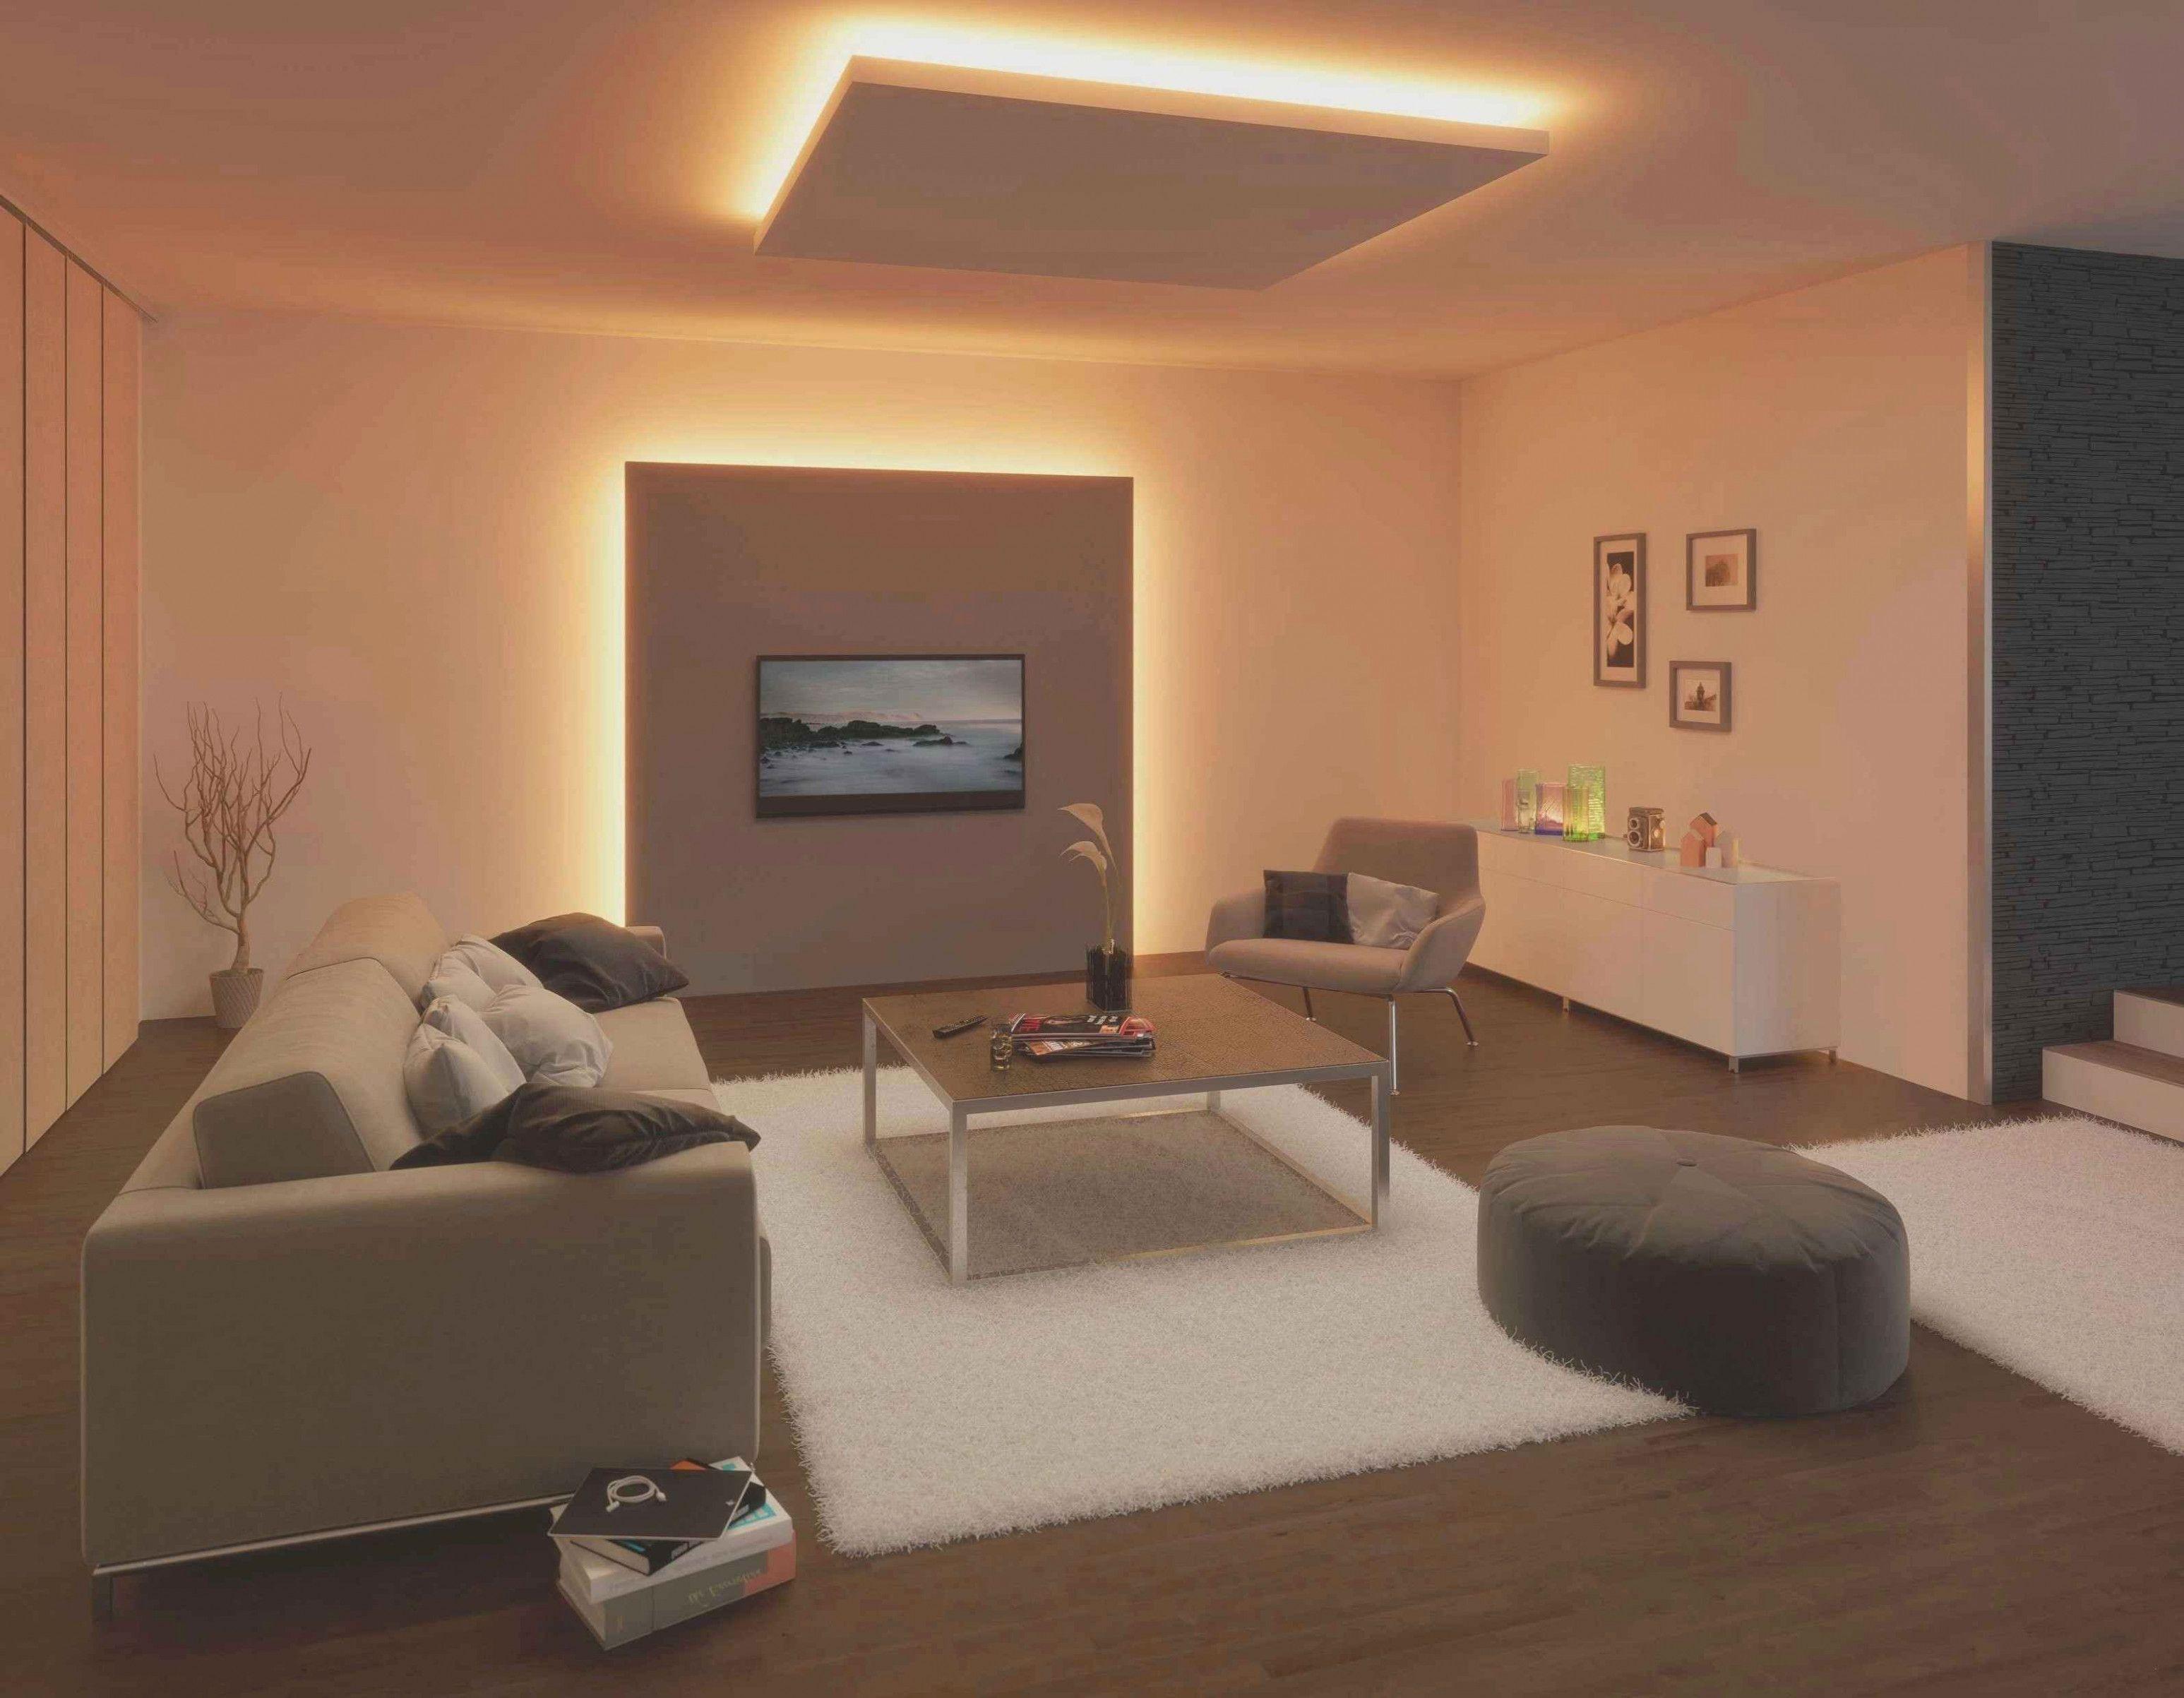 wohnzimmer lampen design (mit bildern) | wohnzimmer modern